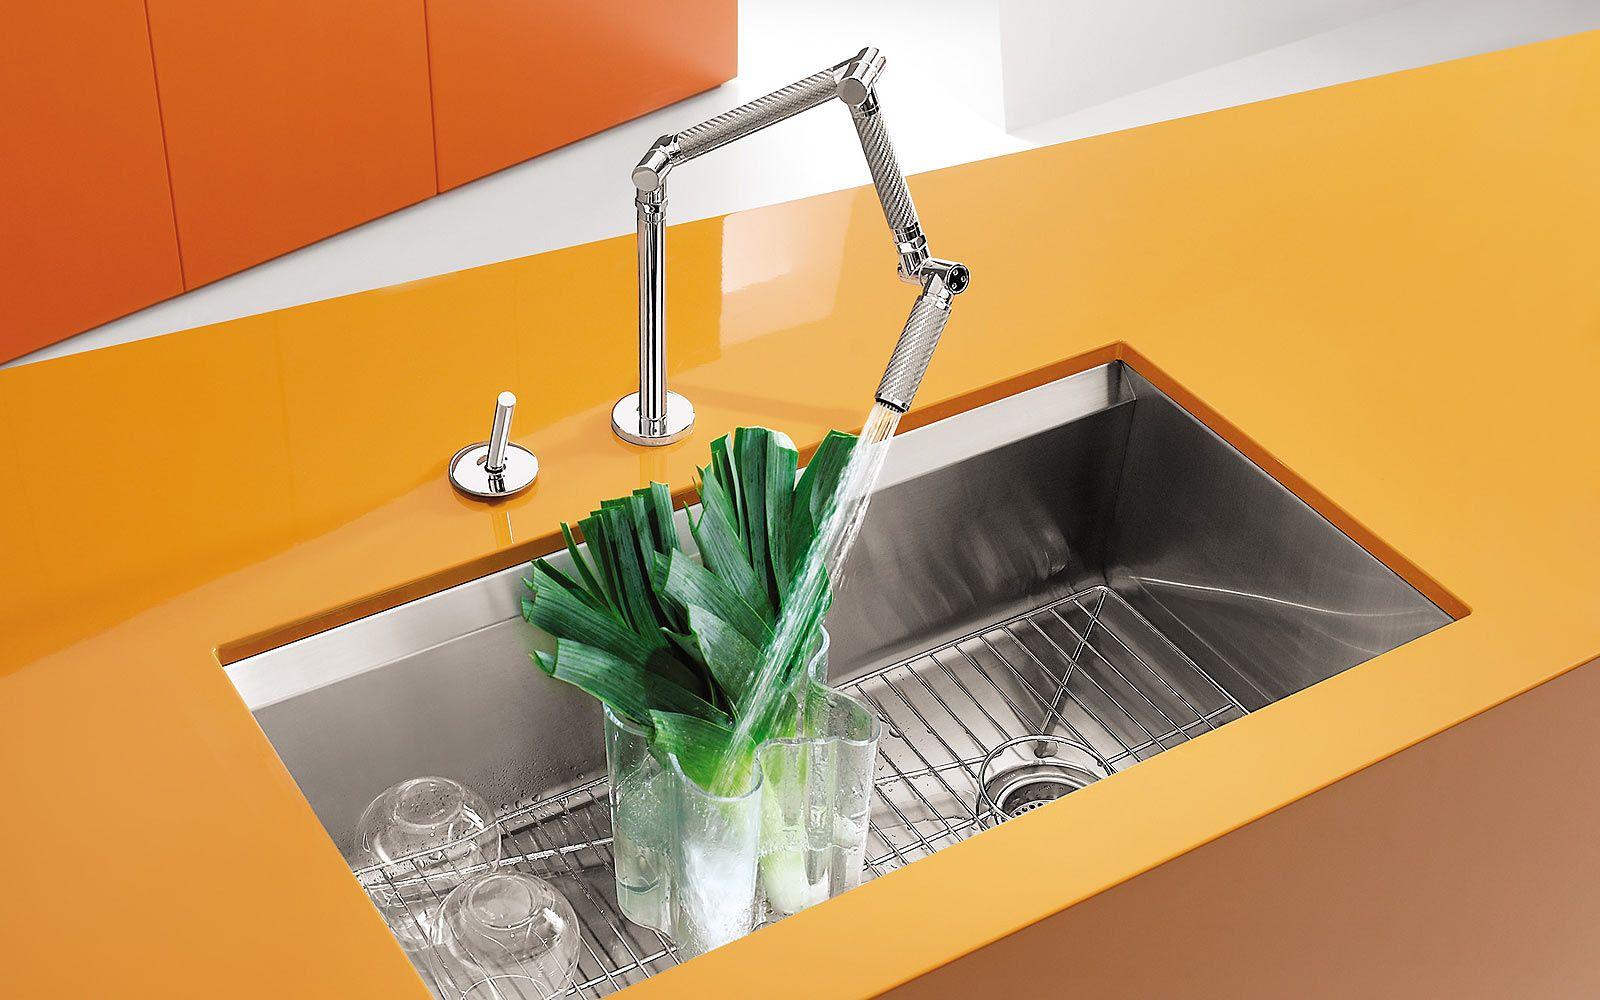 Un robinet aussi pratique que ludique karbon par jacob delafon robinetterie pour tous - Robinetterie cuisine jacob delafon ...